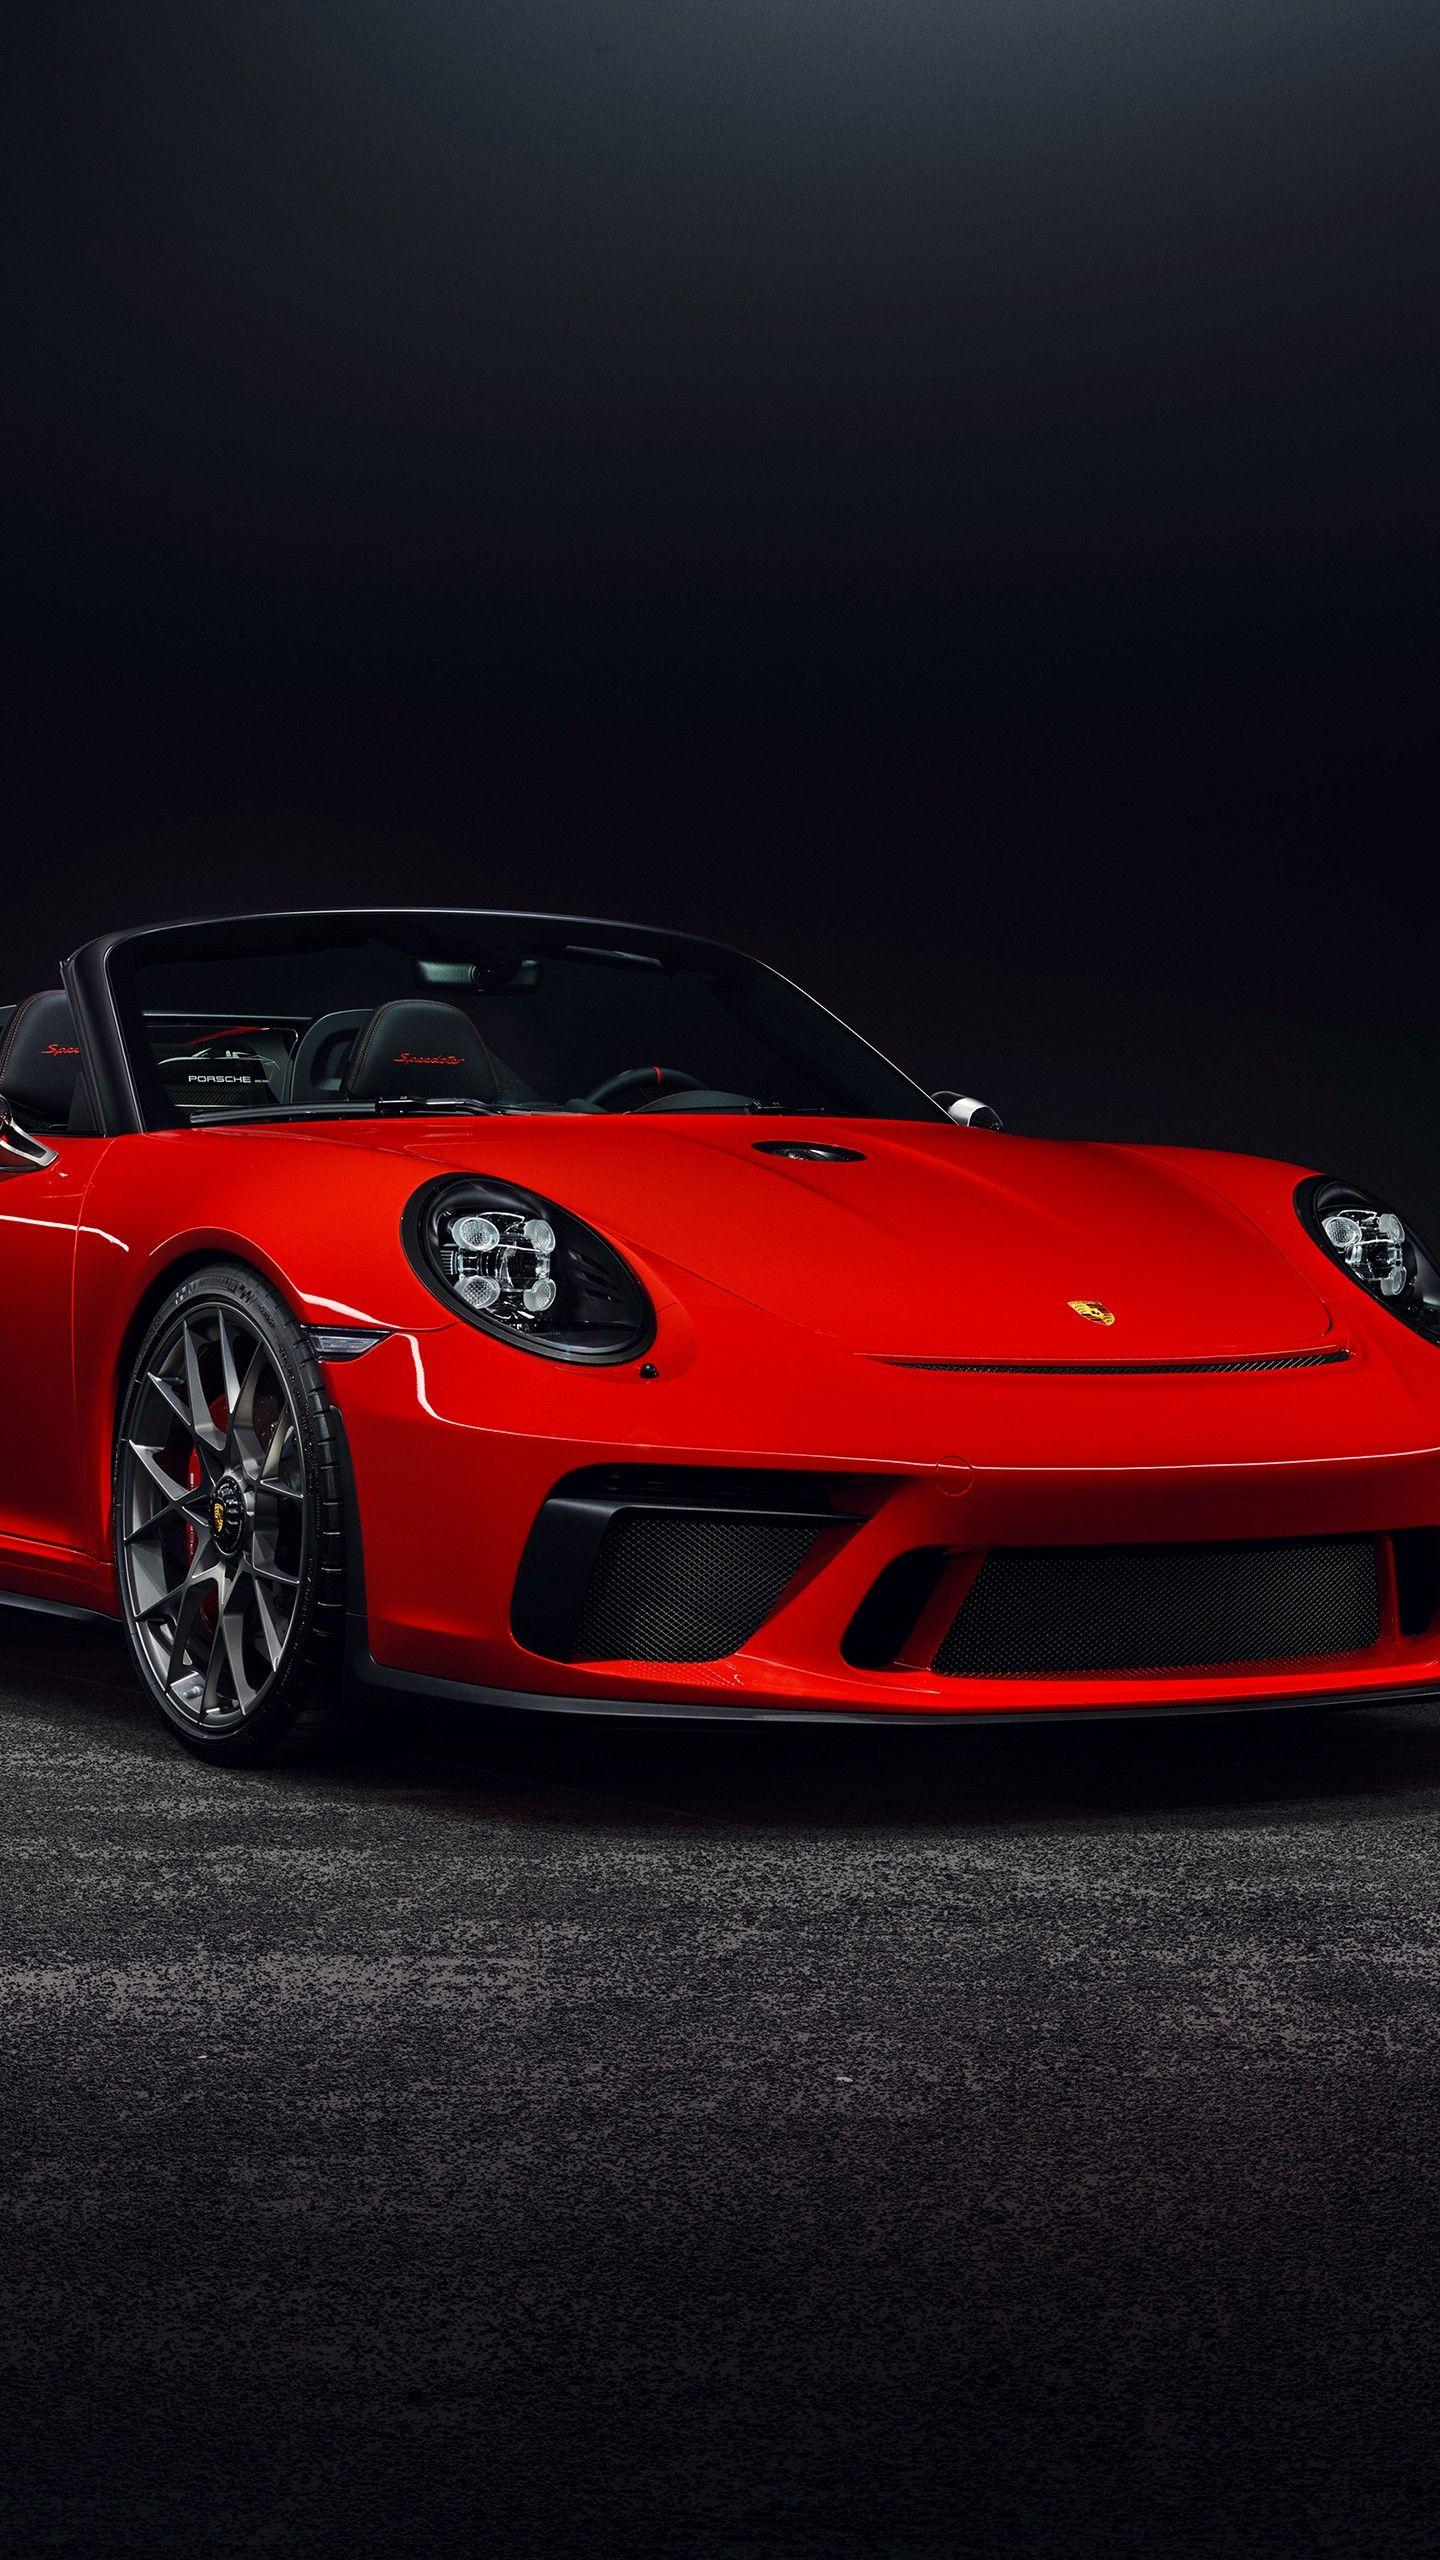 Cars Porsche 911 Speedster Concept Ii 4k Wallpapers Carros De Luxo Super Carros Carros